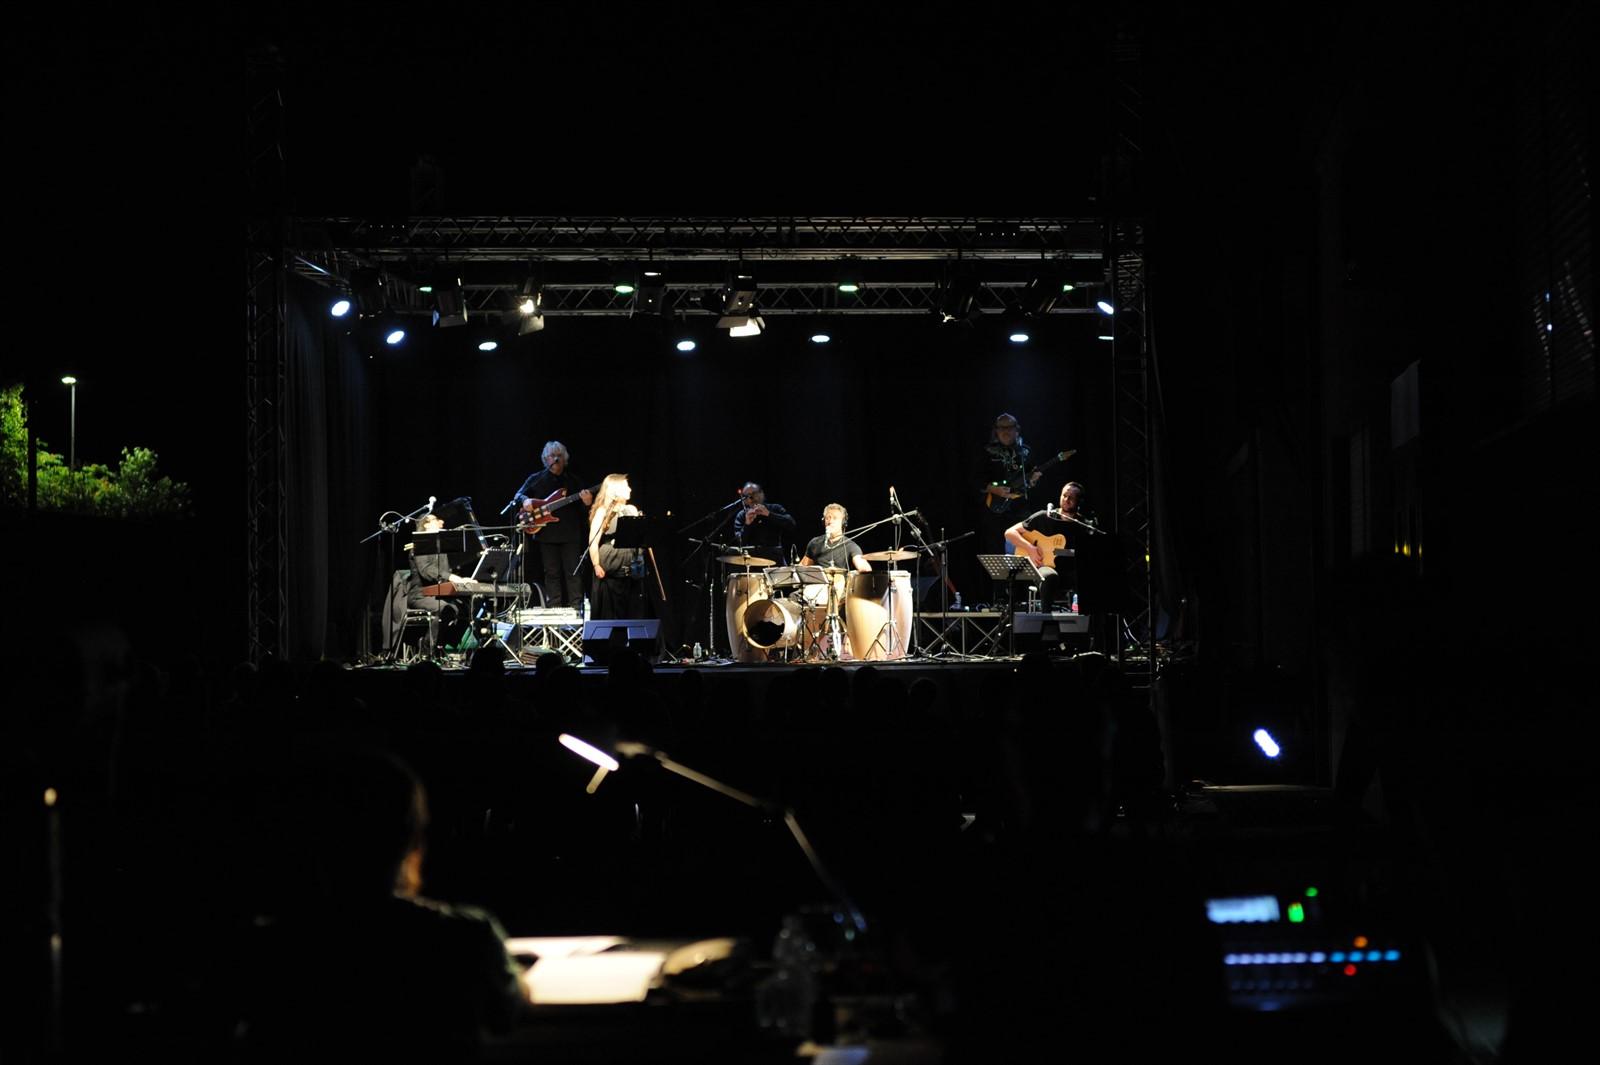 NeaCo - Il ritorno sul palco, una ripartenza Audace - 6